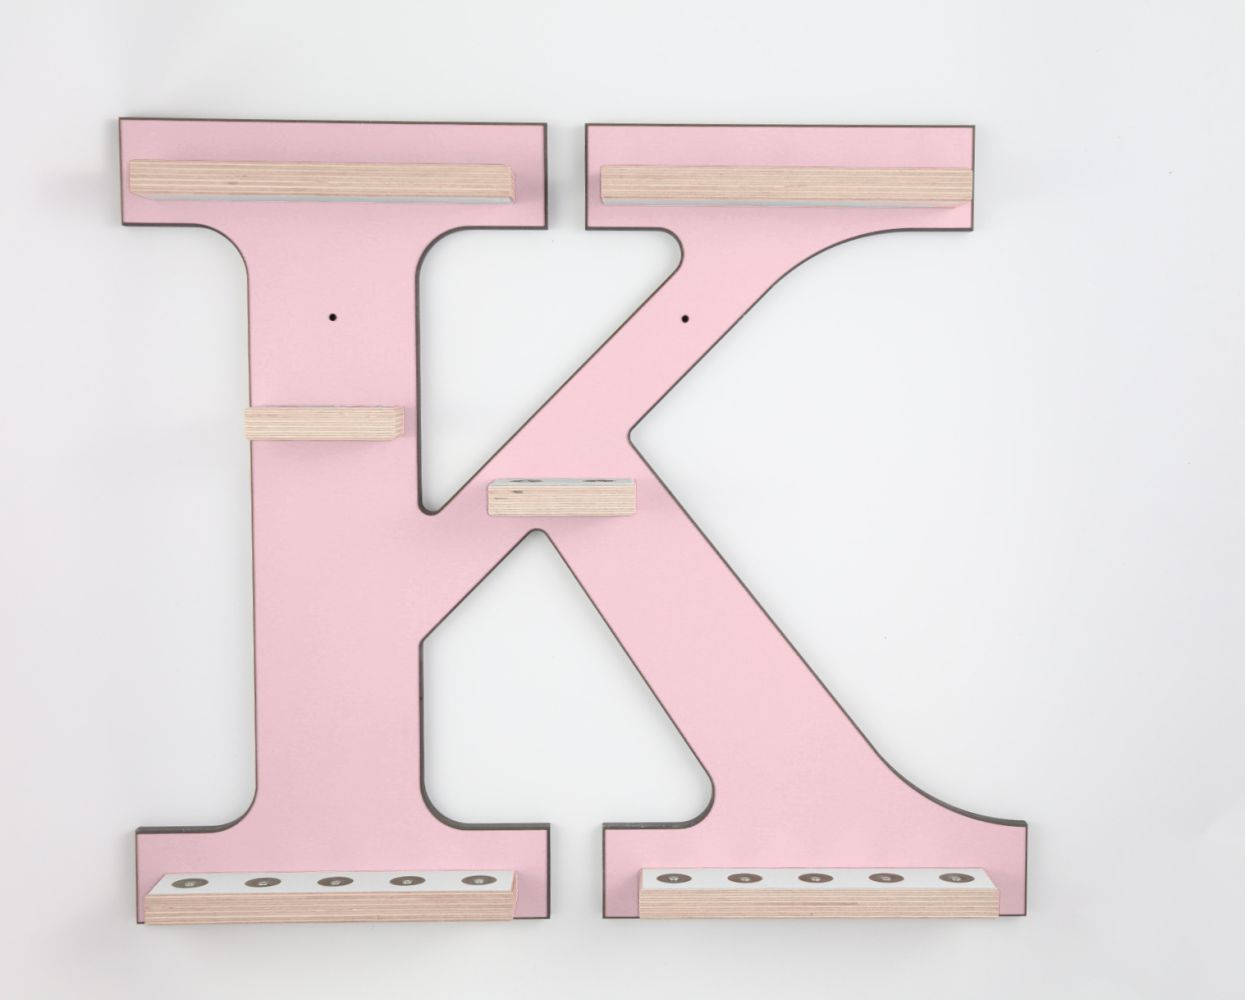 Schreinerei Linden 'Buchstabe K' Tonie Regal ohne Musikboxhalter, rosa Bild 1